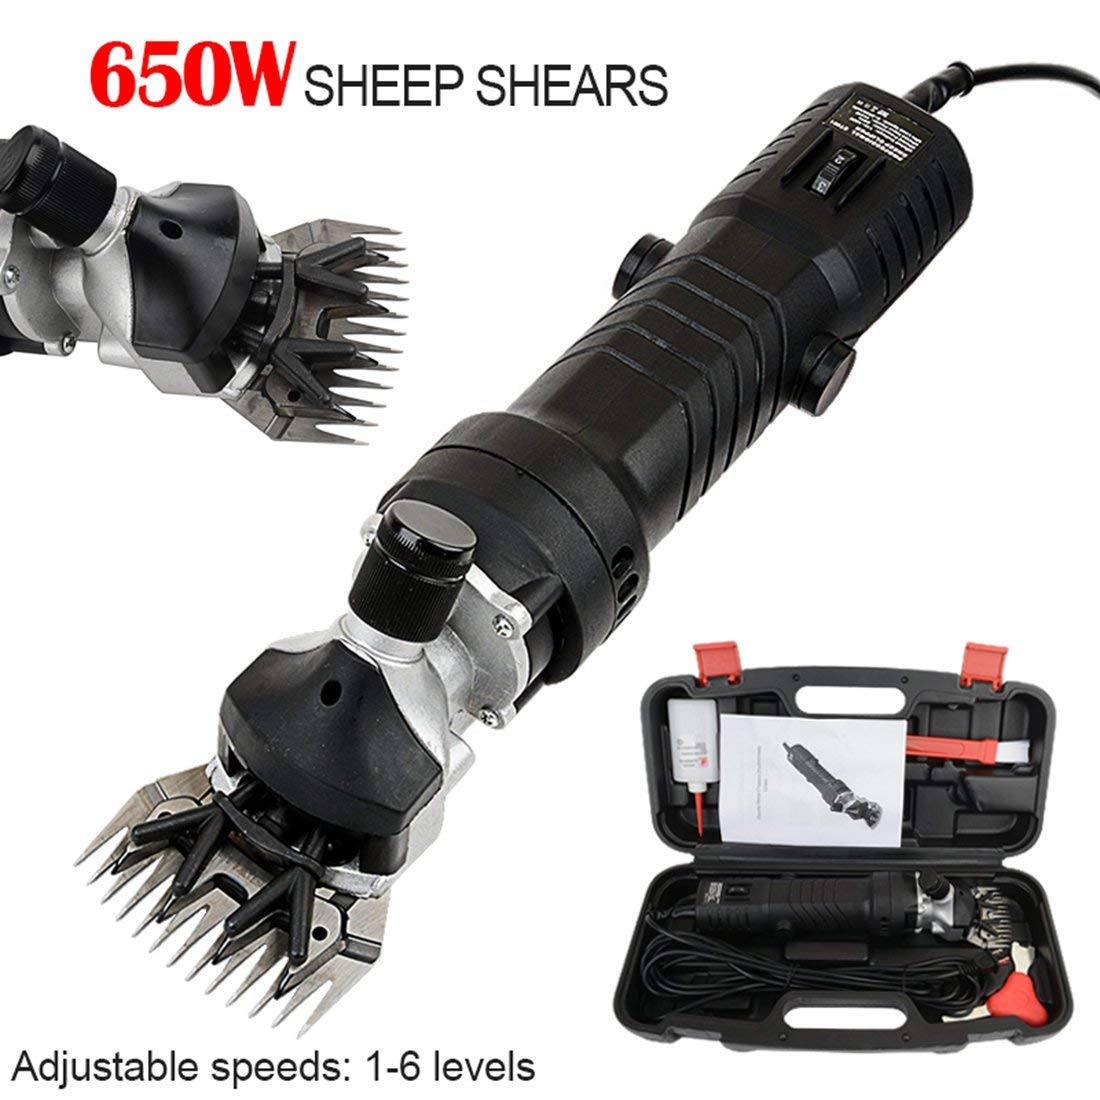 MAOFALZZNA 650W Sheep Shearing Machinesheep 650W Electric Farm Supplies Sheep Goat Shears Animal Grooming Shearing Clipper